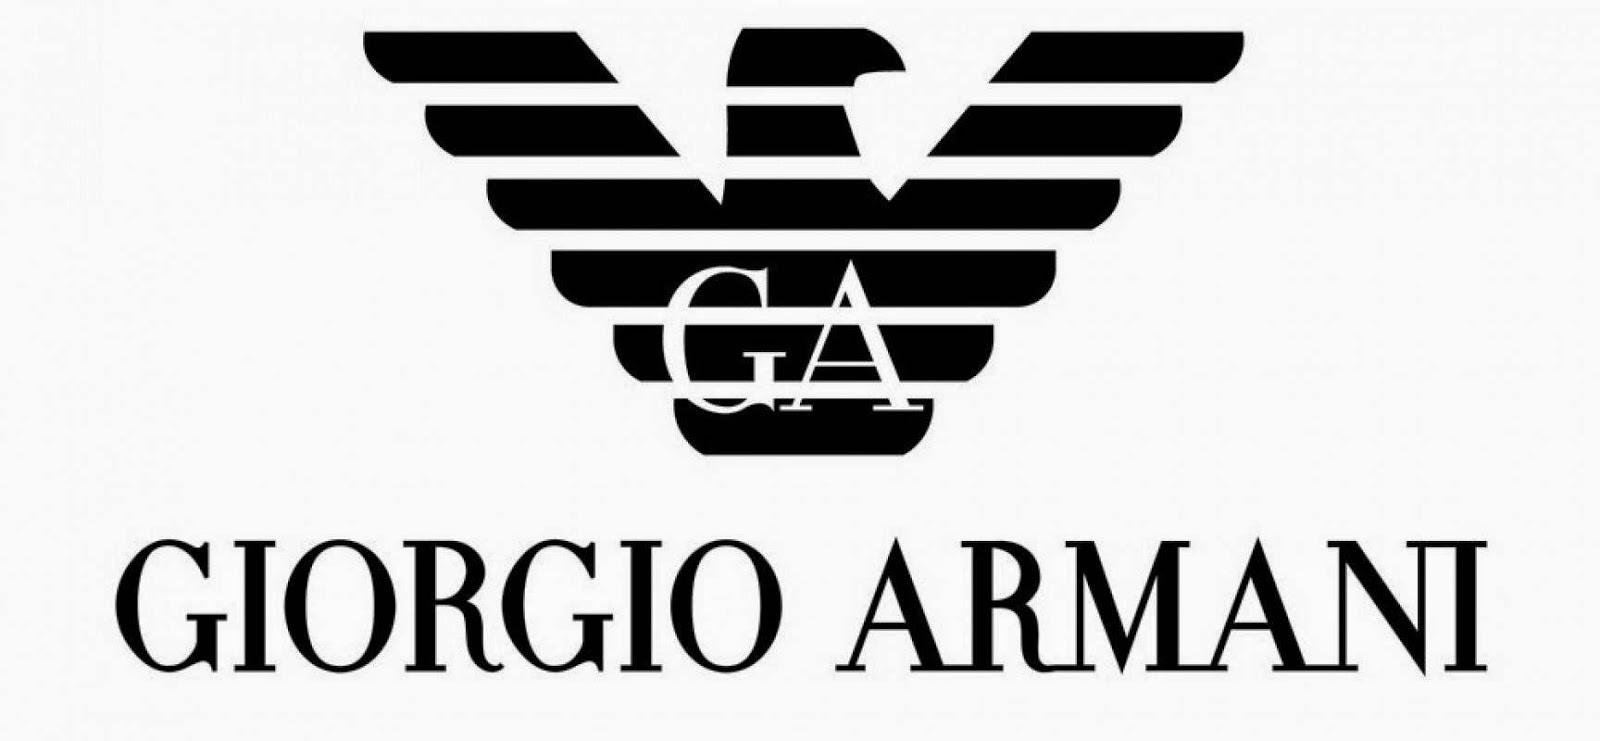 جيورجيو ارميني